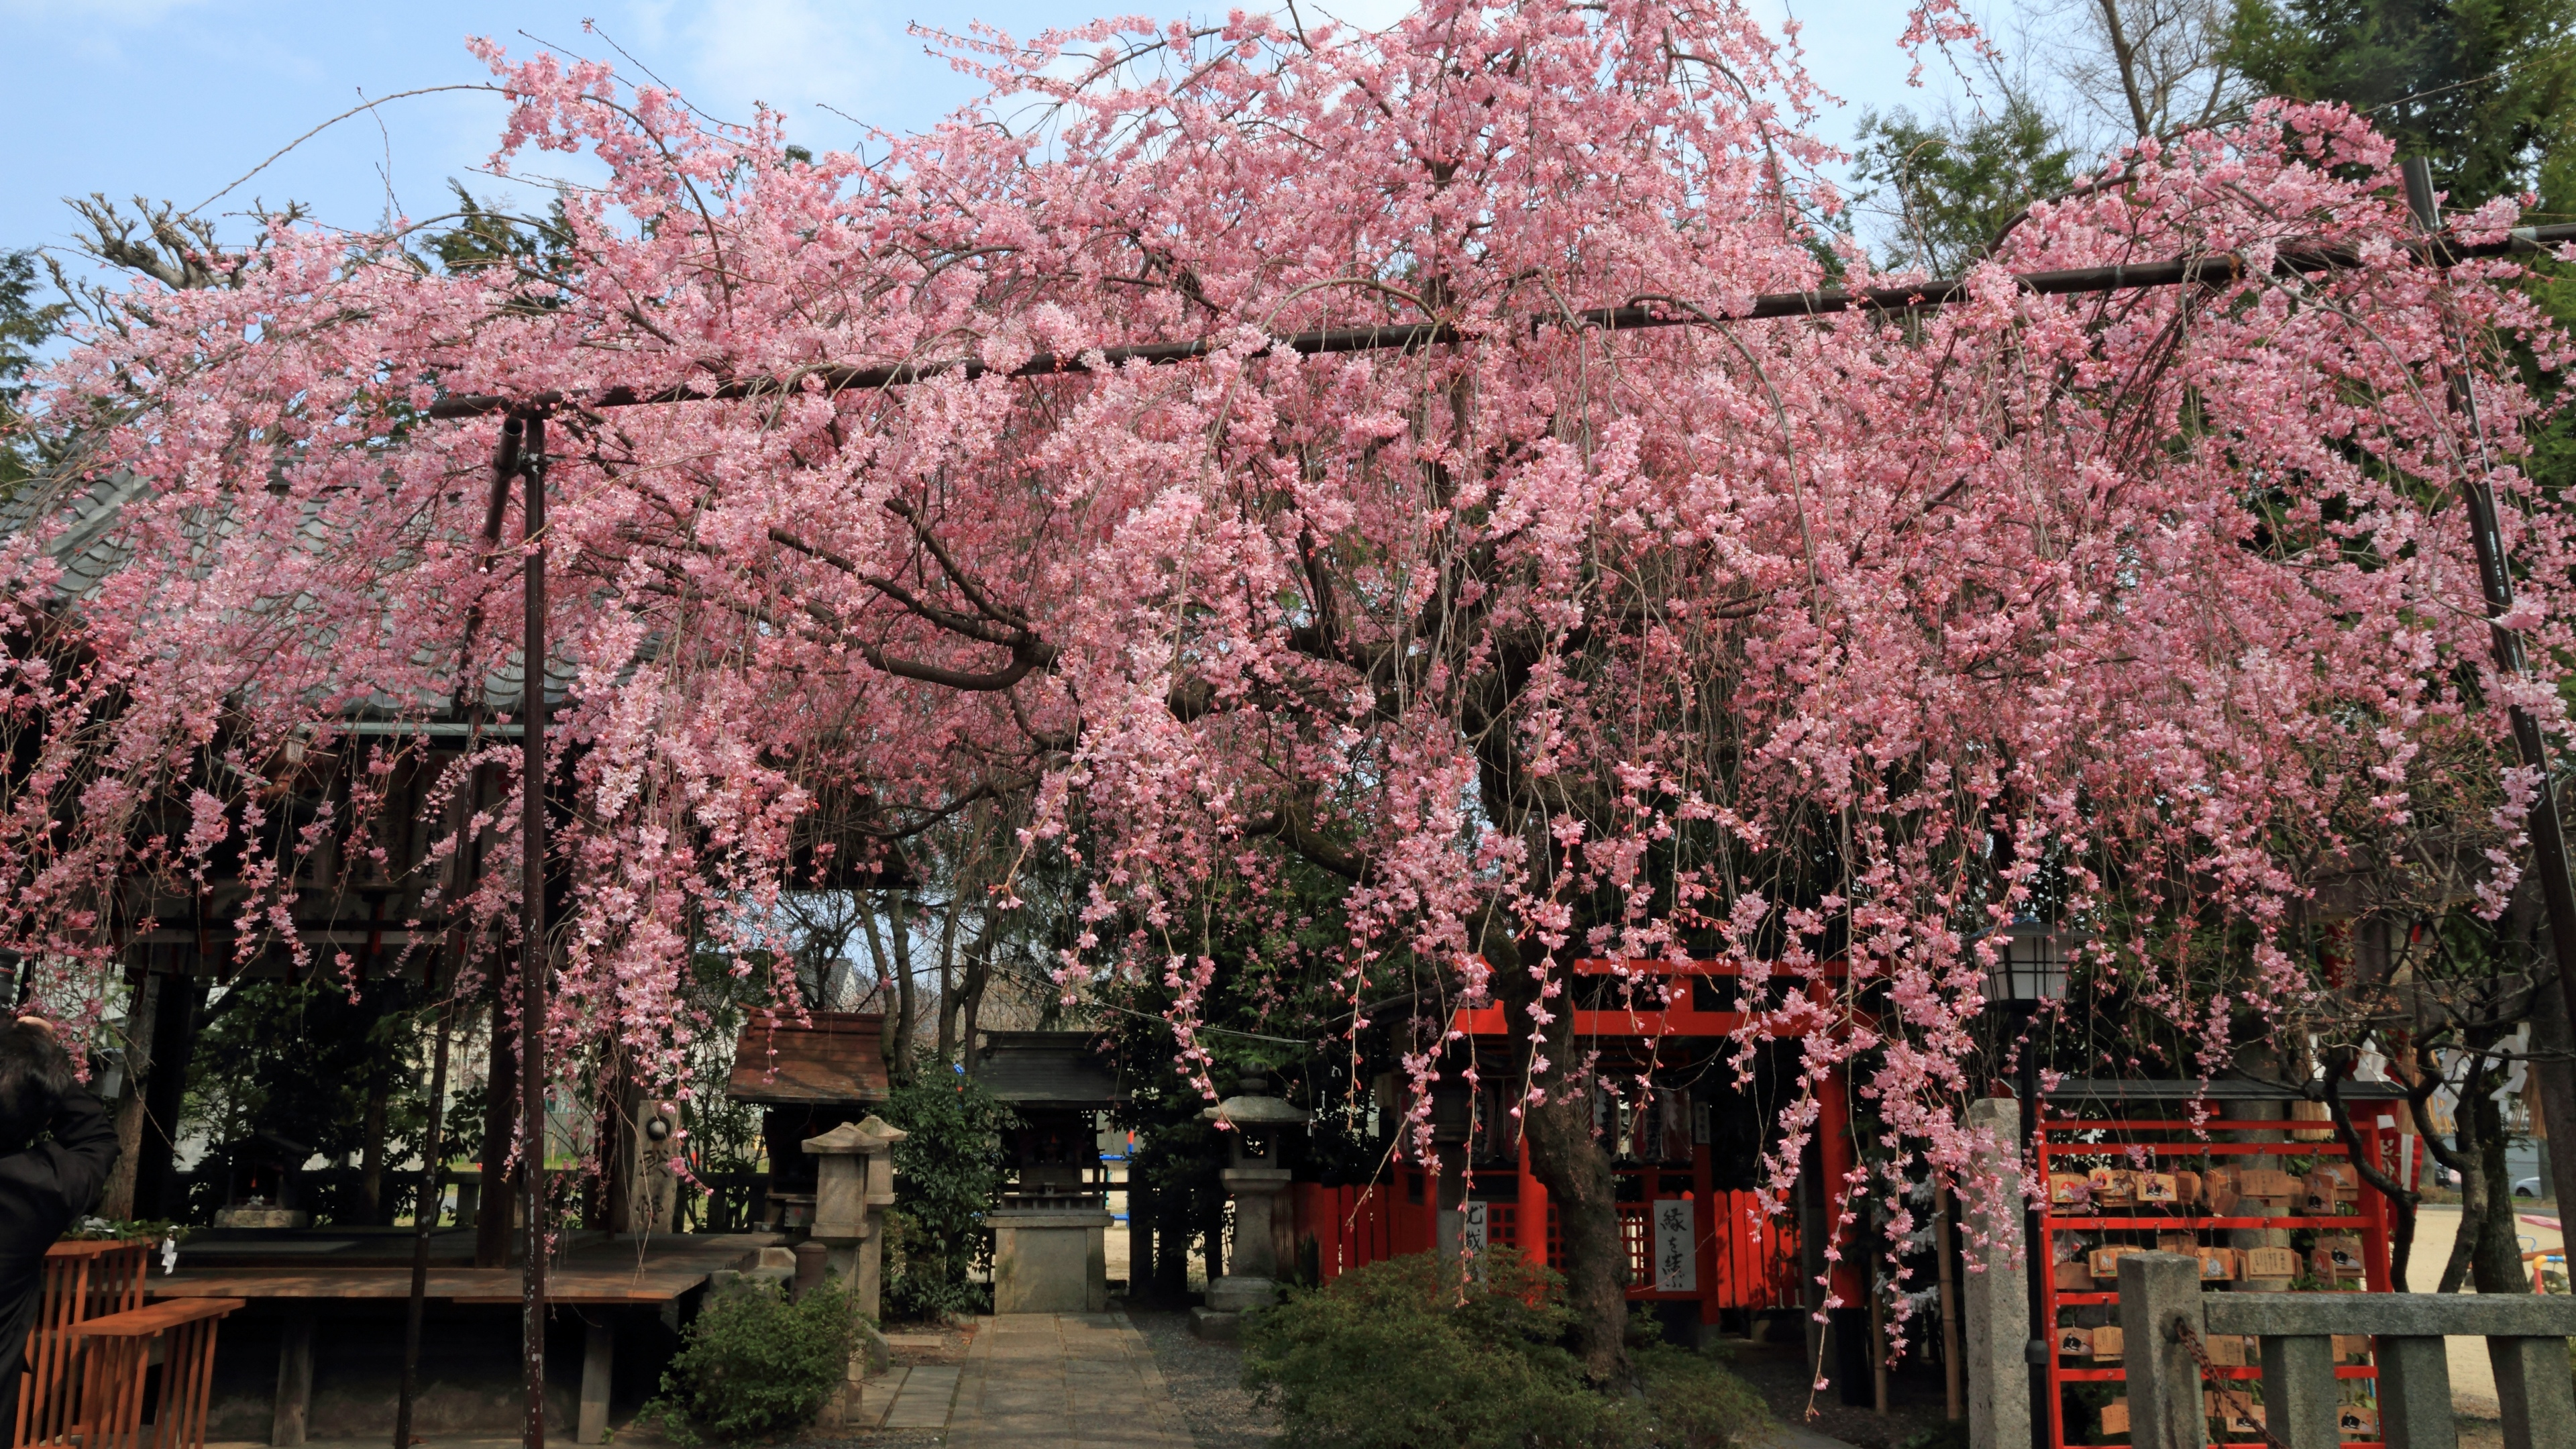 4k 11年 京都の桜壁紙 計10枚 壁紙 日々駄文